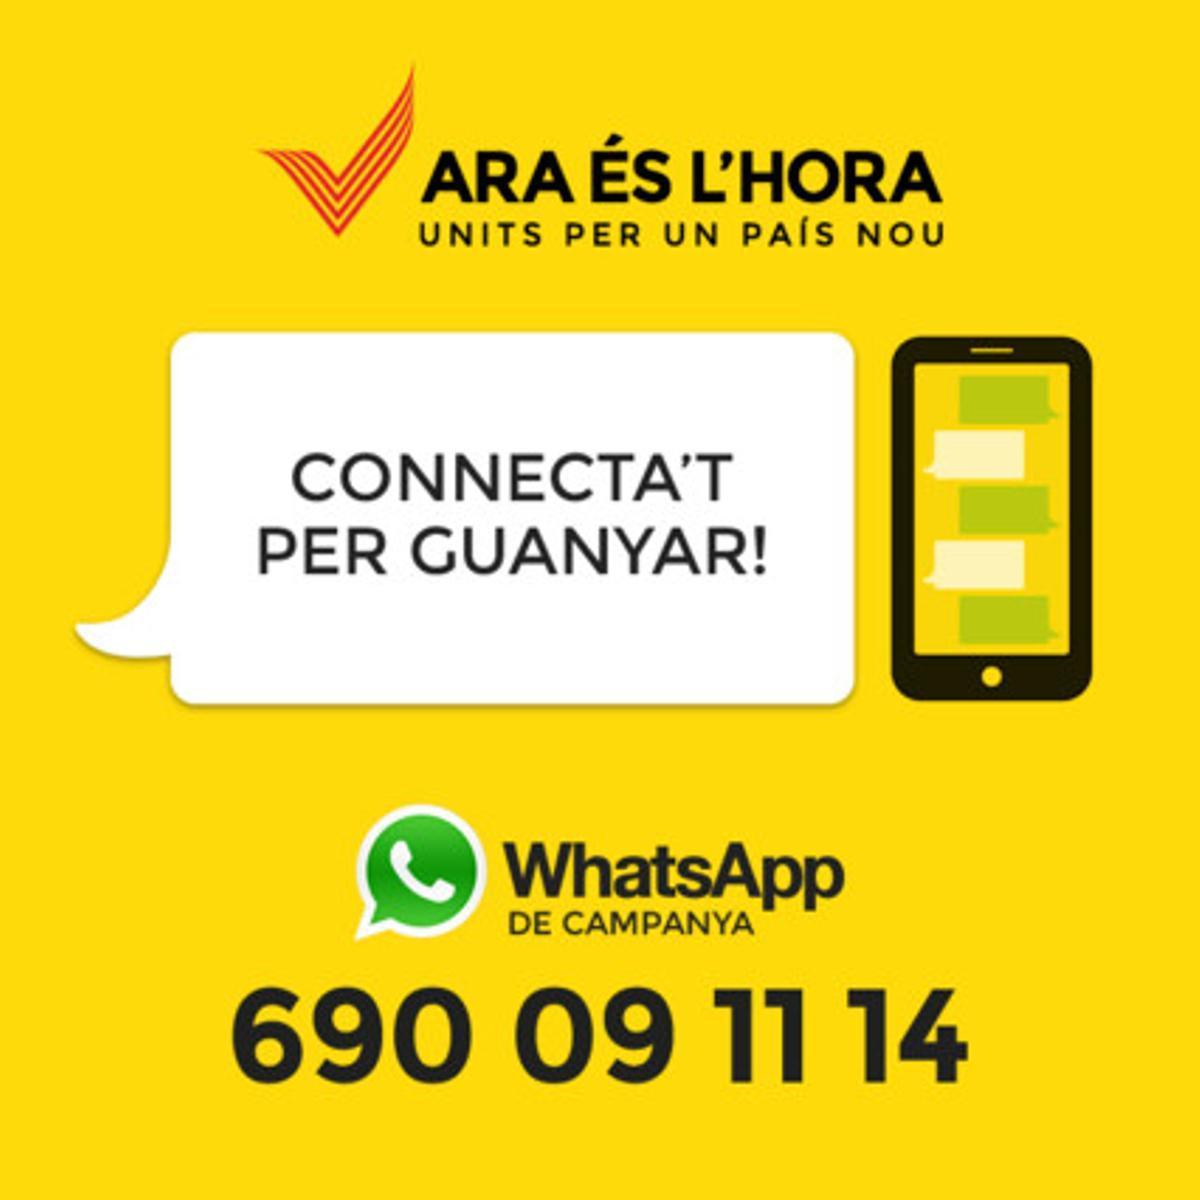 Imagen de promoción de la nueva herramienta de Whatsapp, 'Connectats per guanya'